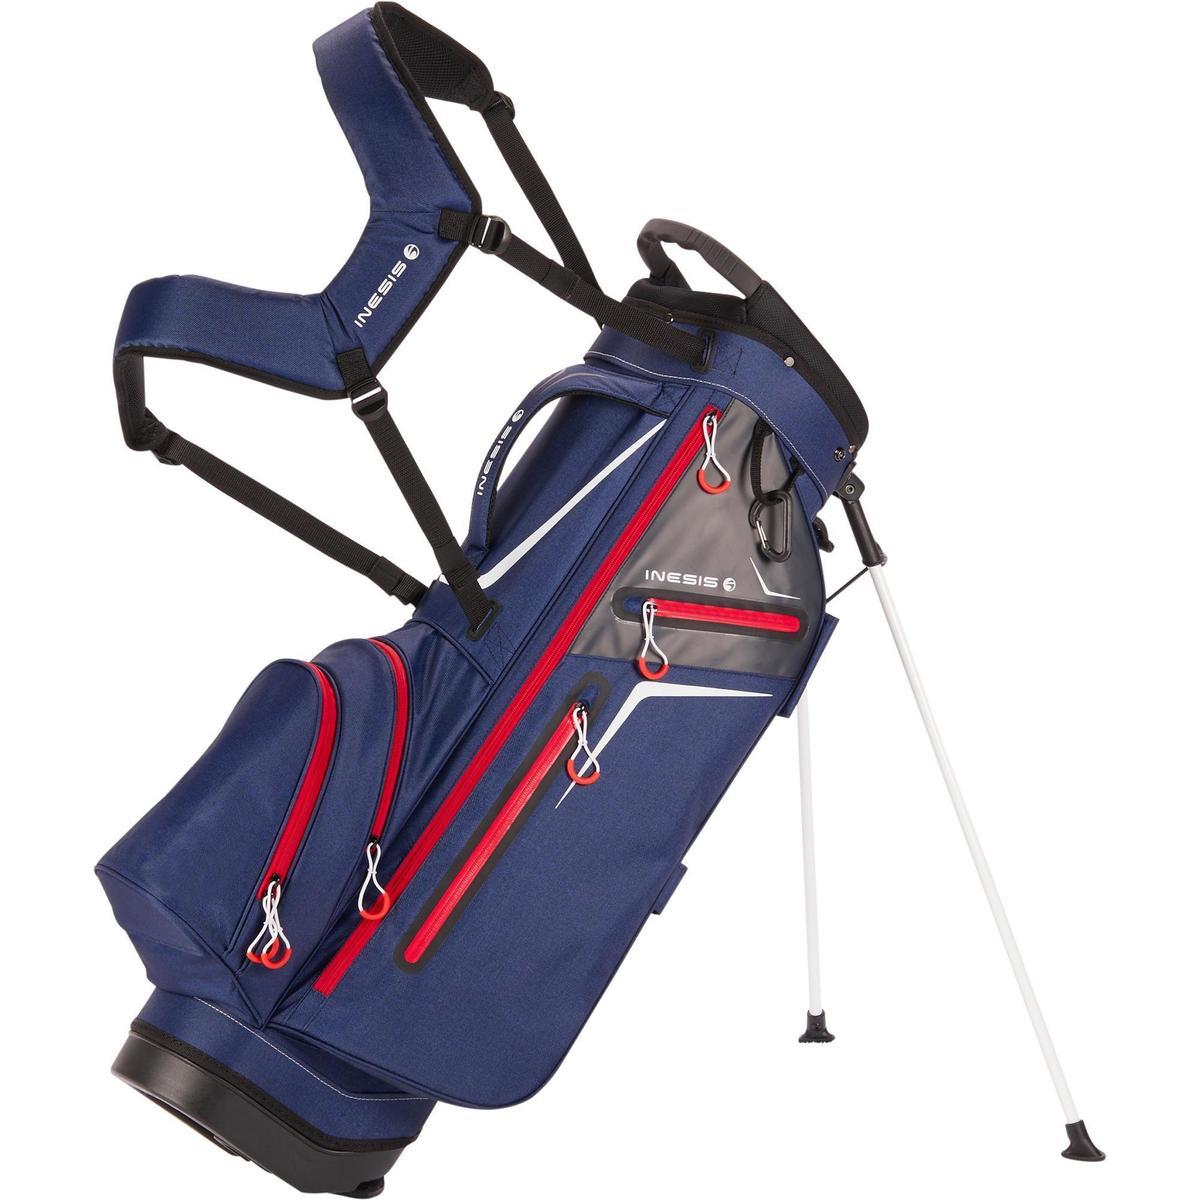 Bild 1 von Golf Standbag Light